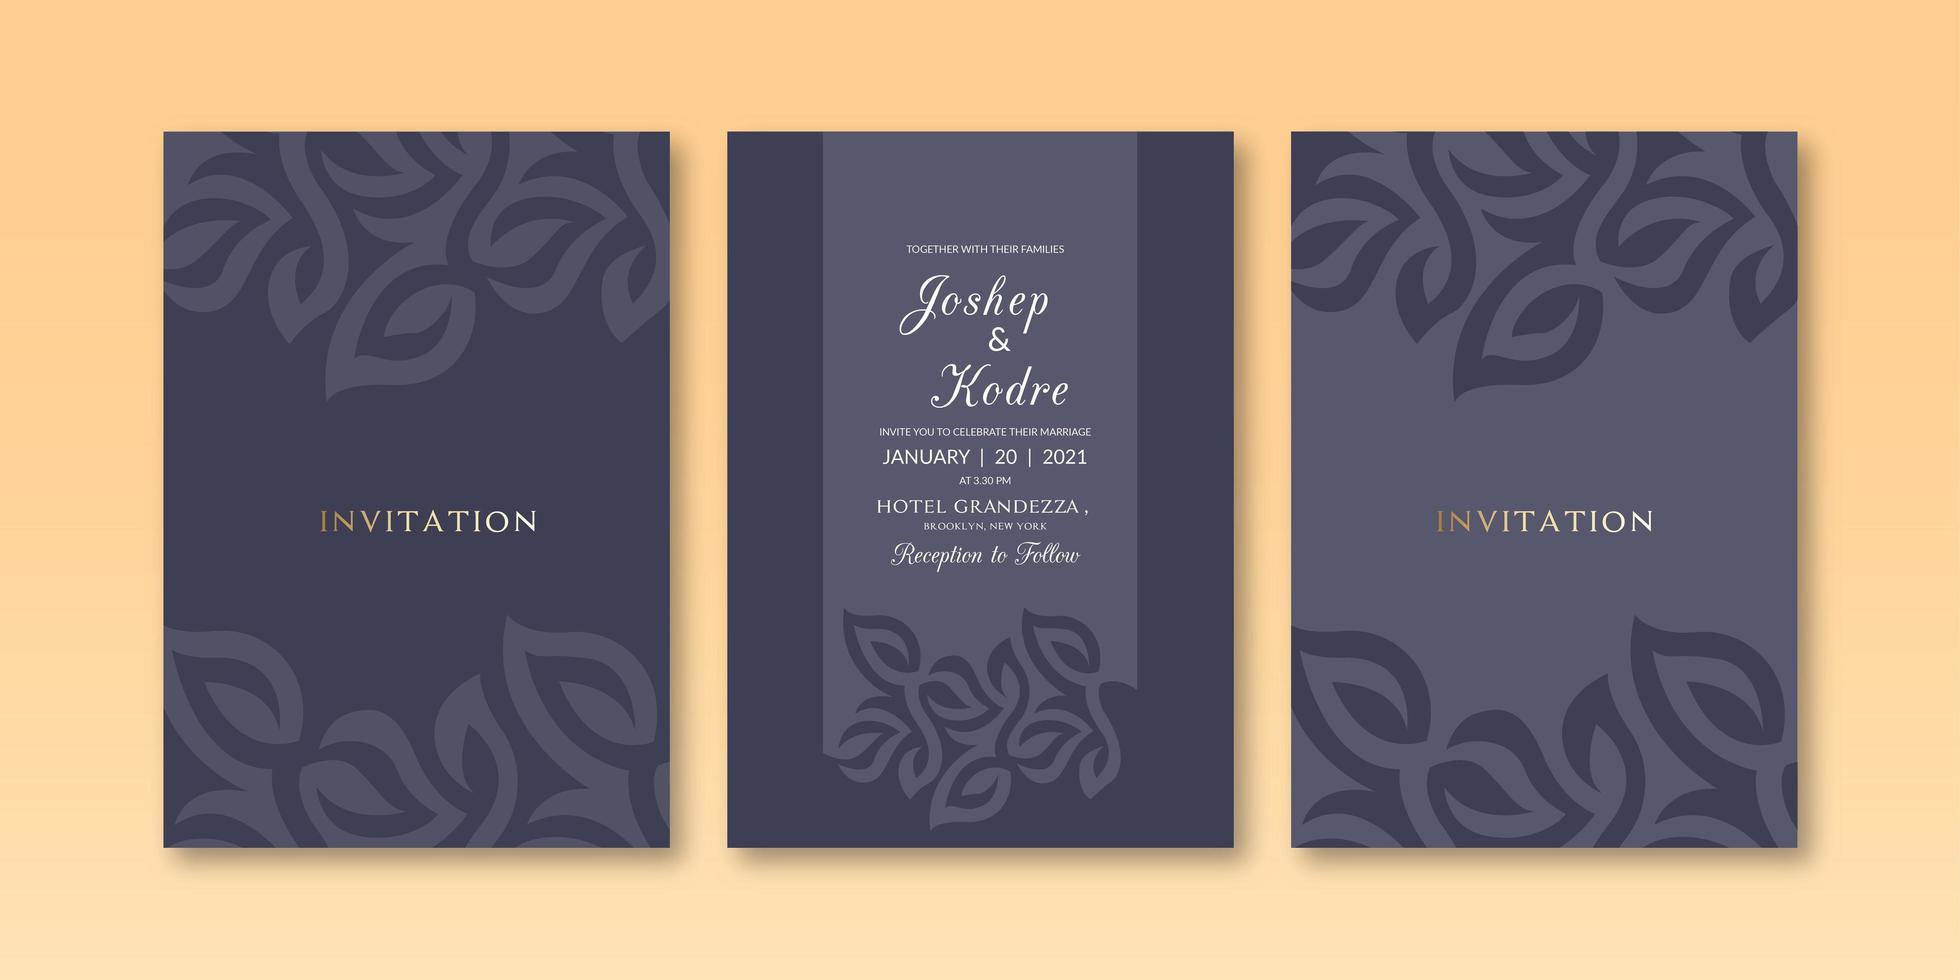 Modelo de convite de cor escura textura floral minimalista vetor